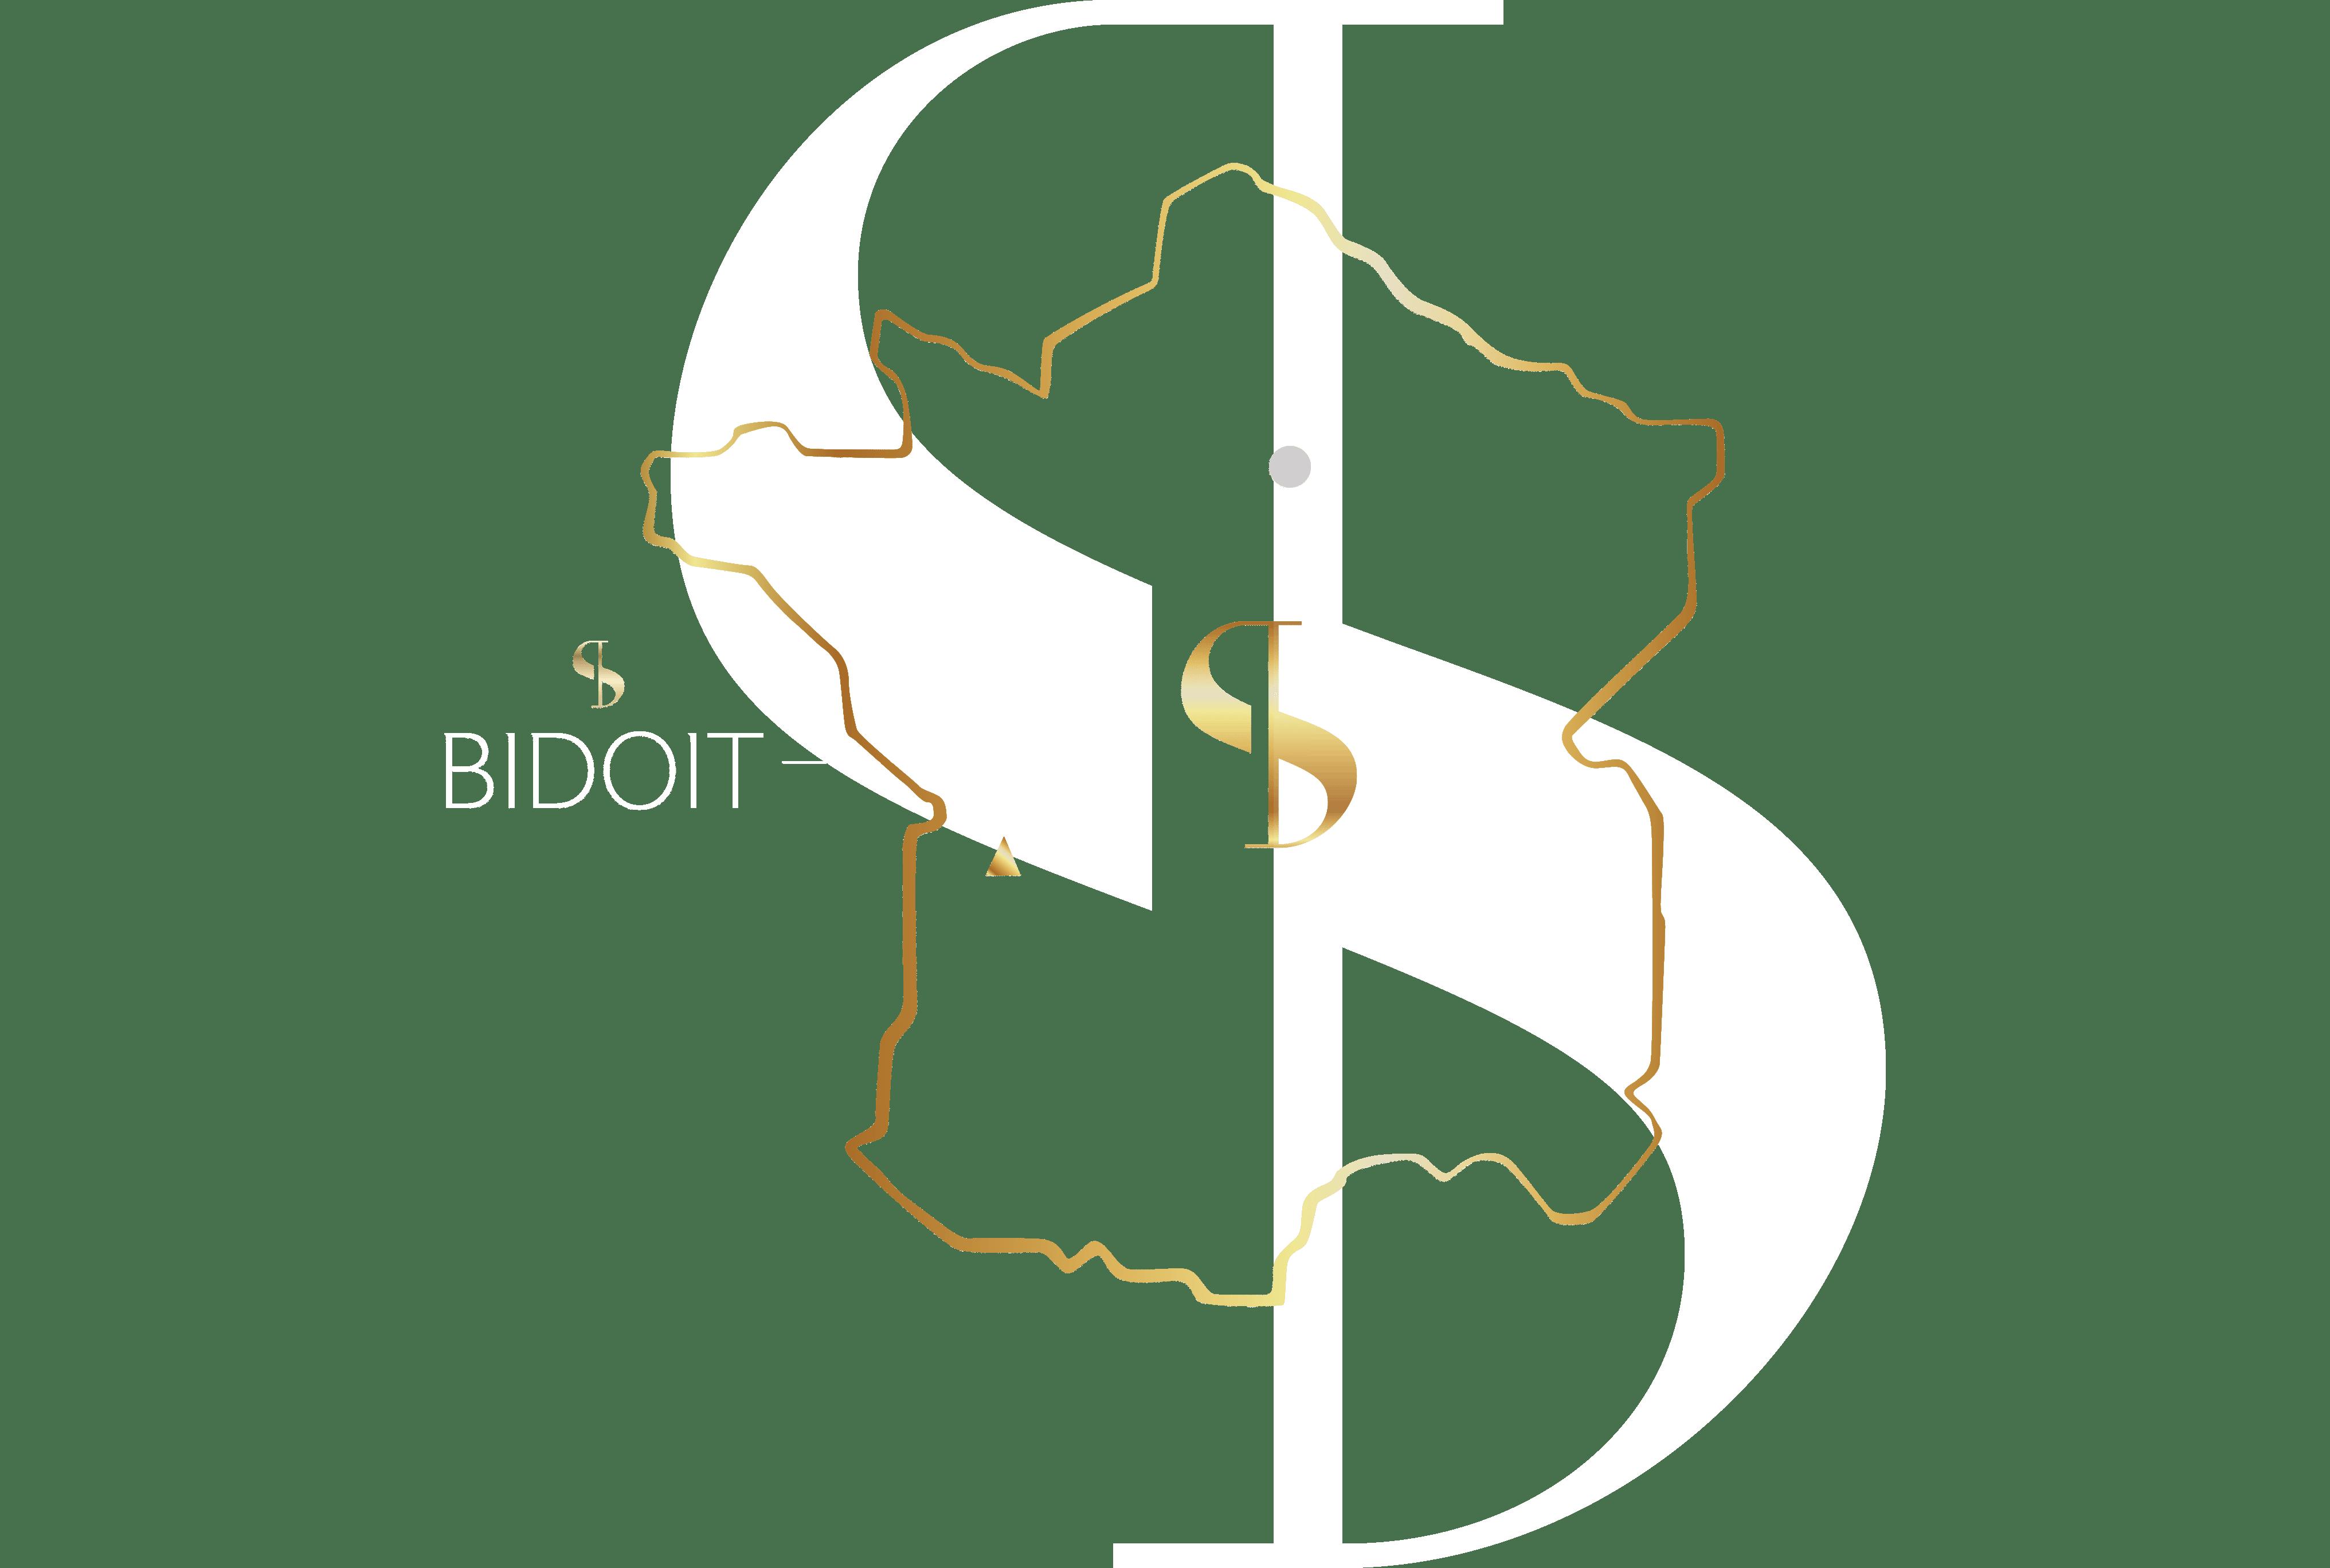 bidoit